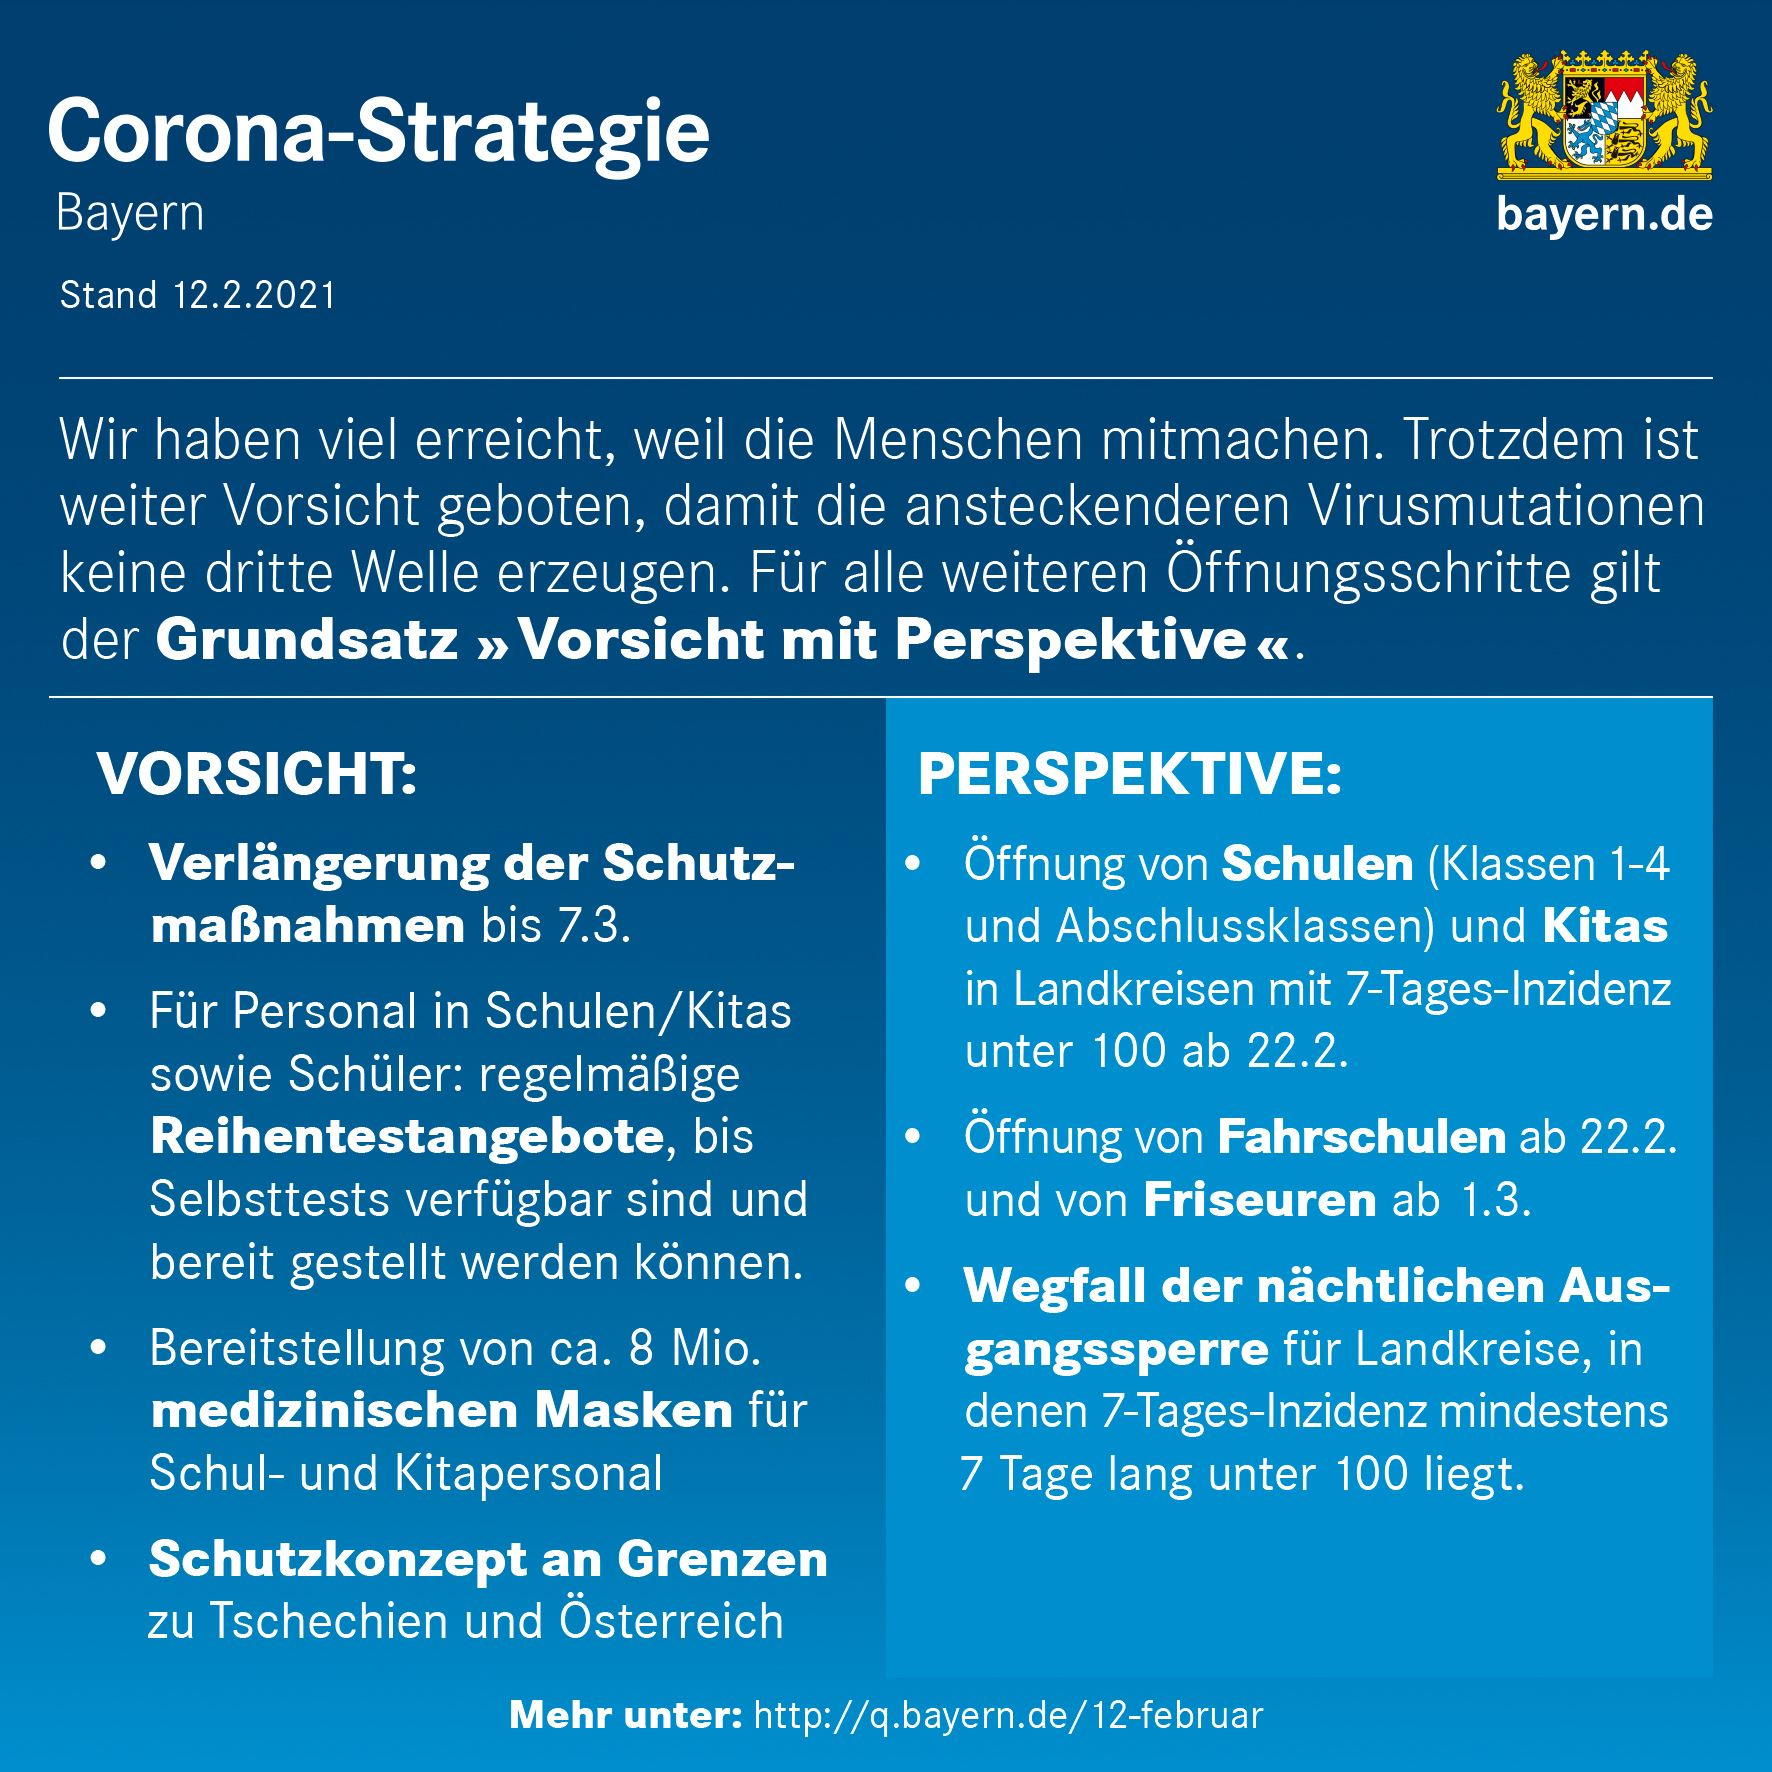 Corona-Strategie vom 12.02.2021